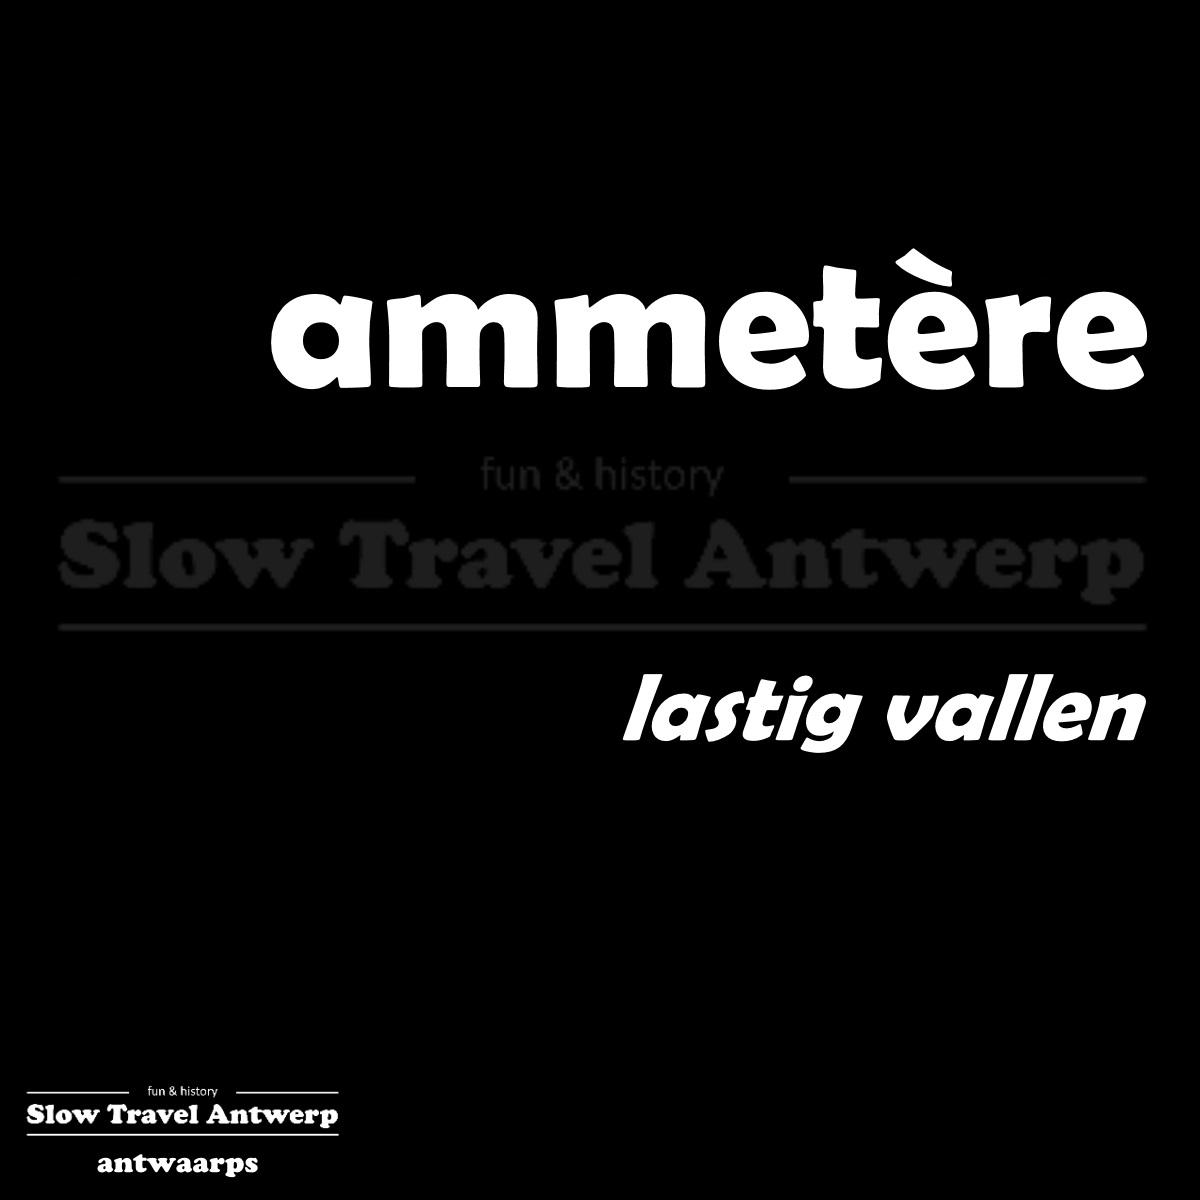 ammetere – lastig vallen – to annoy